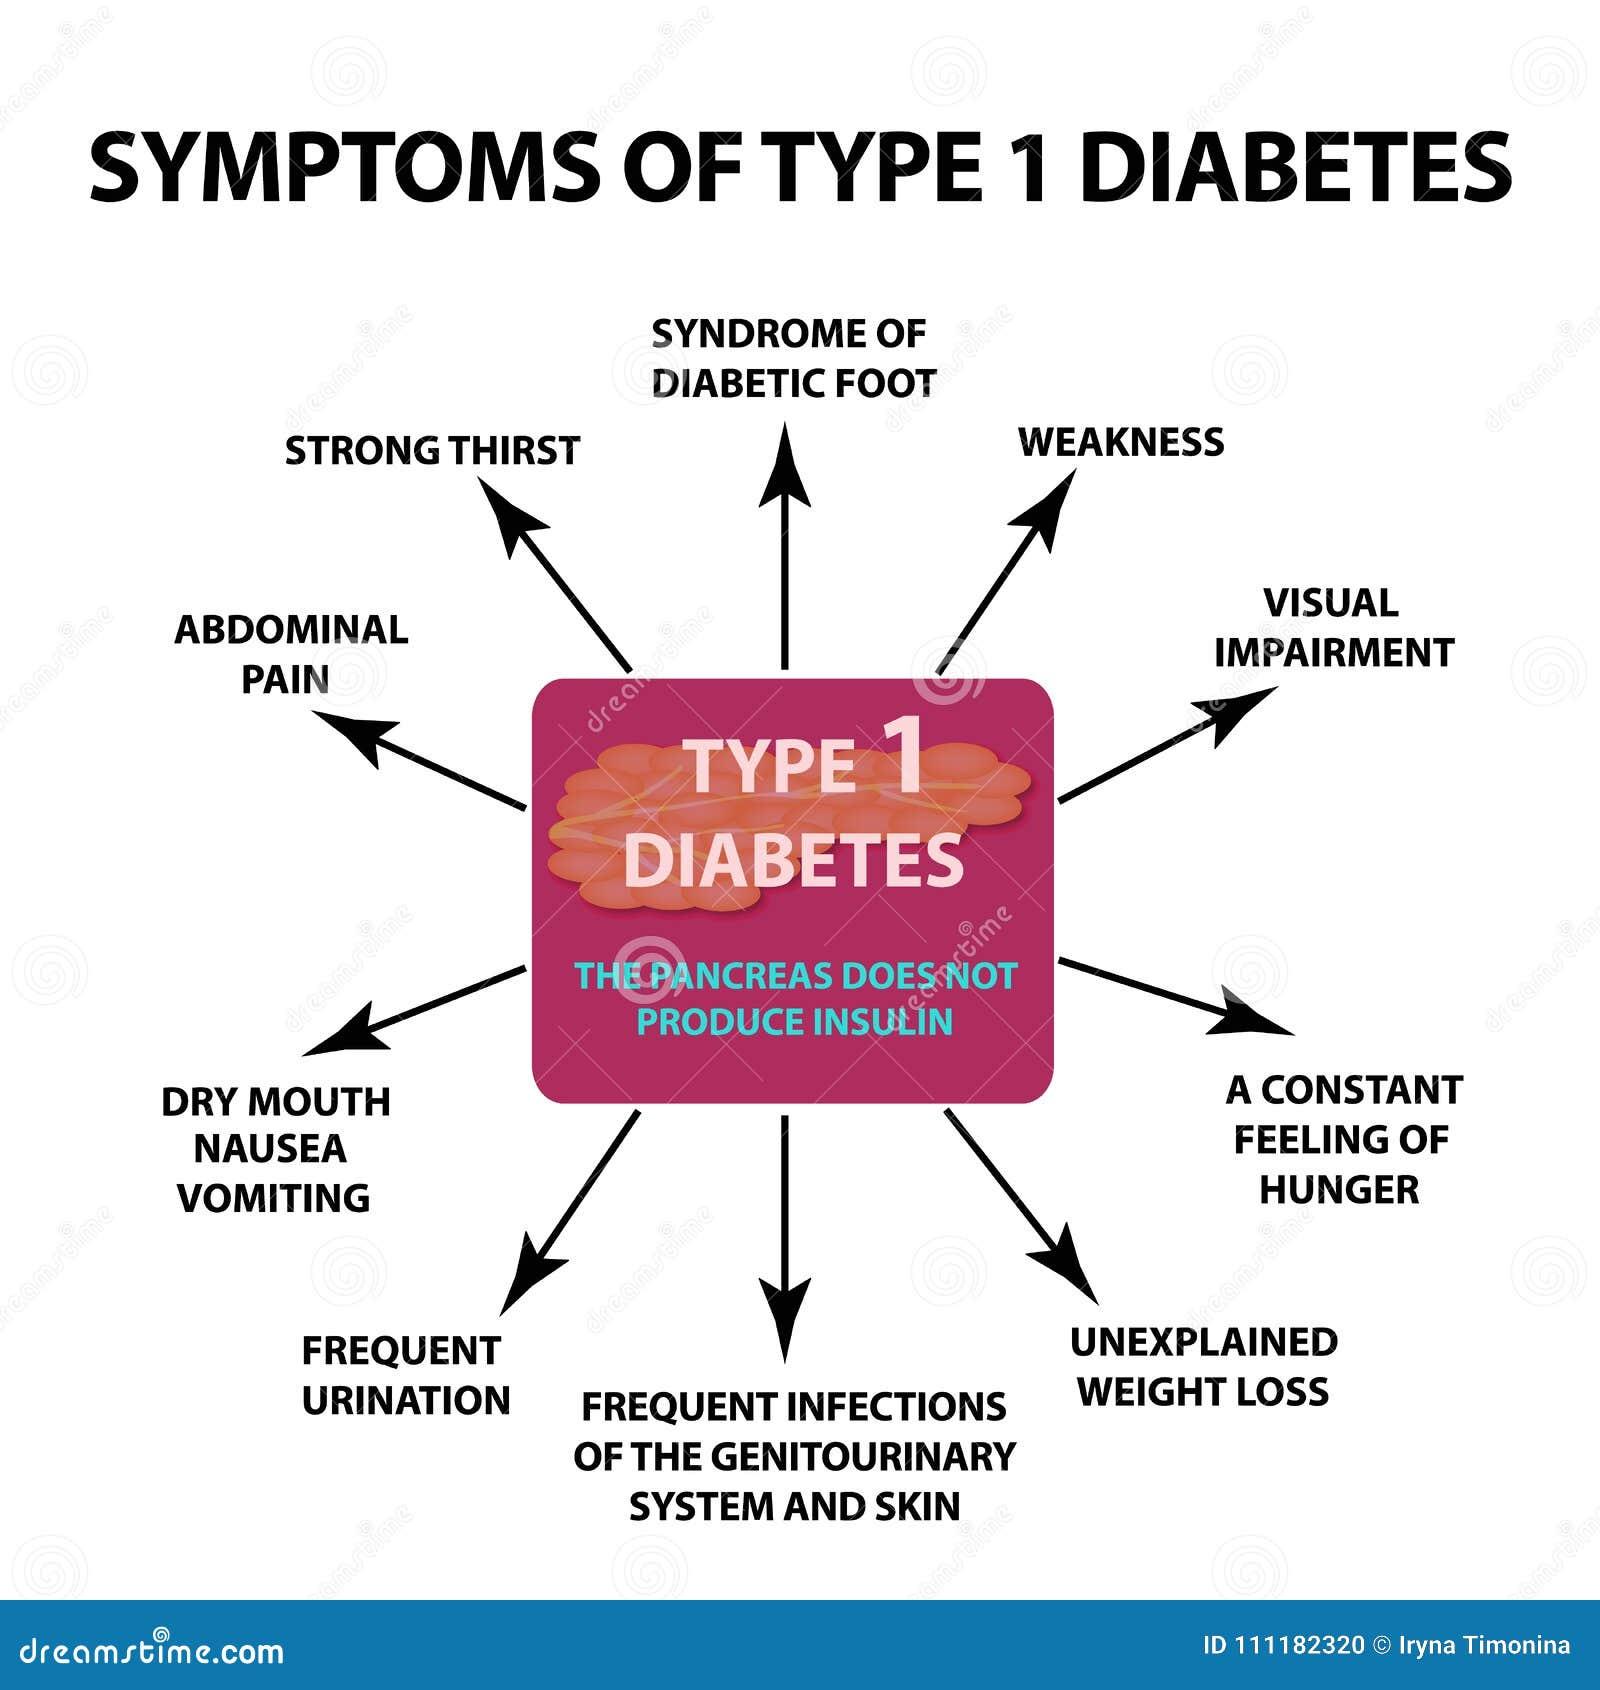 síntomas de diabetes tipo 1